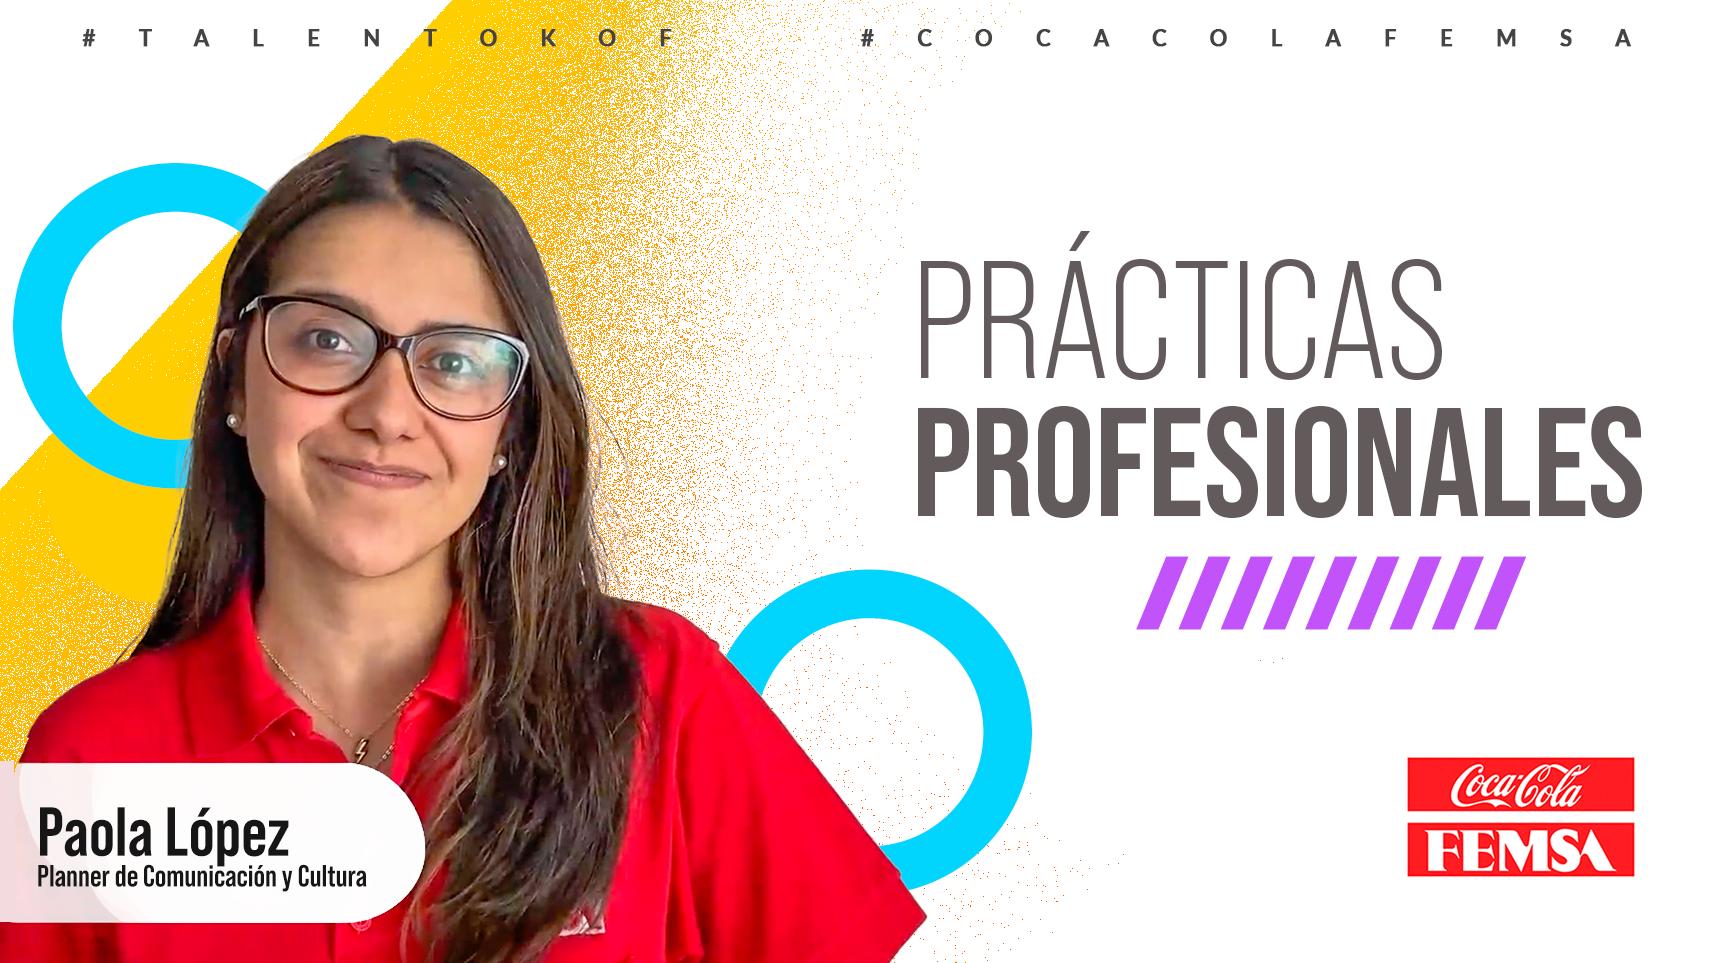 Prácticas profesionales en Coca-Cola FEMSA.